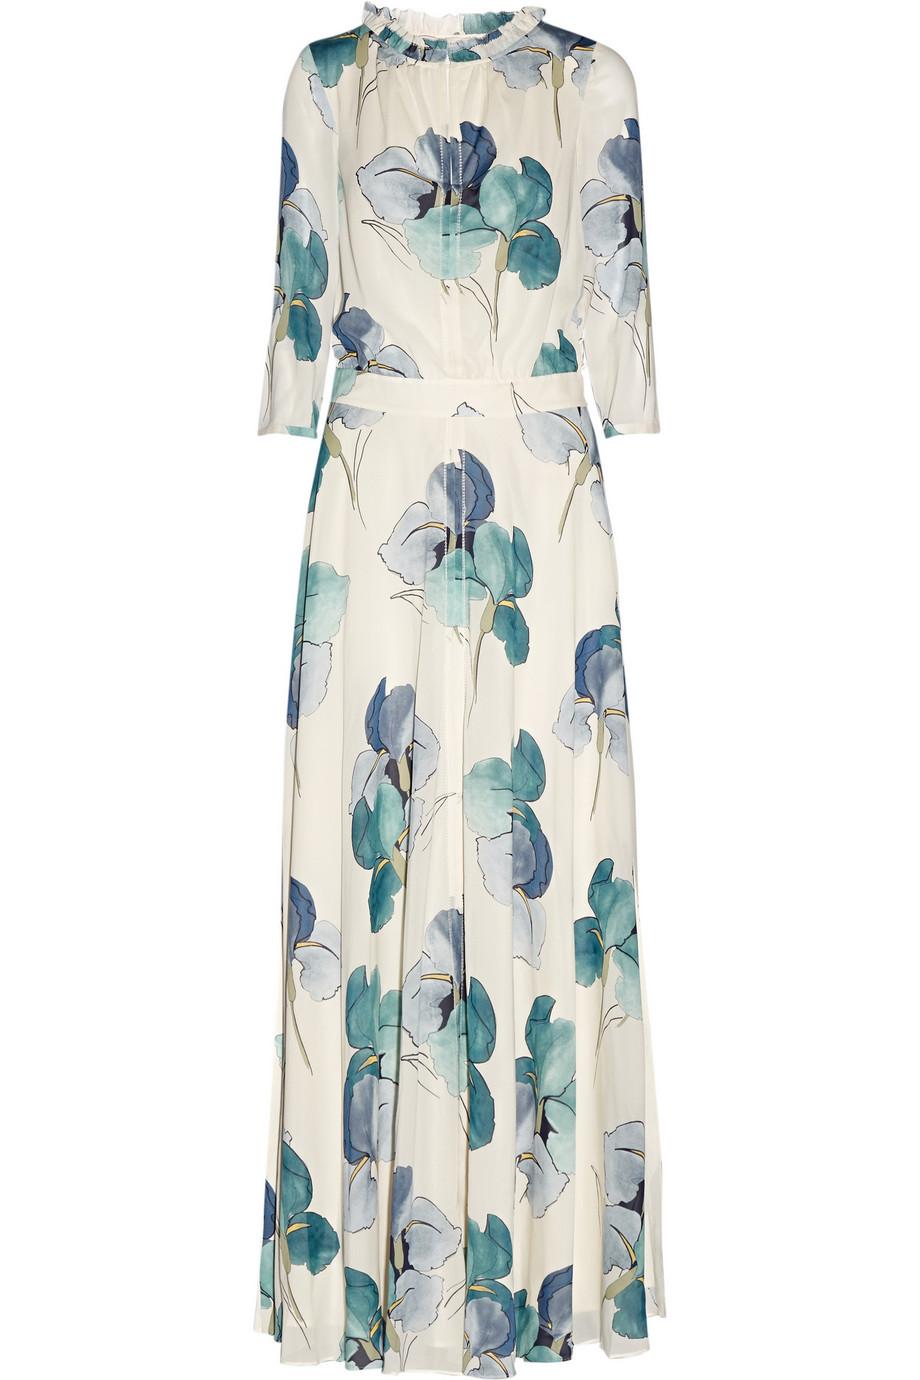 e880e83c65d4 Tory Burch Julia Floral-Print Stretch-Silk Georgette Maxi Dress ...